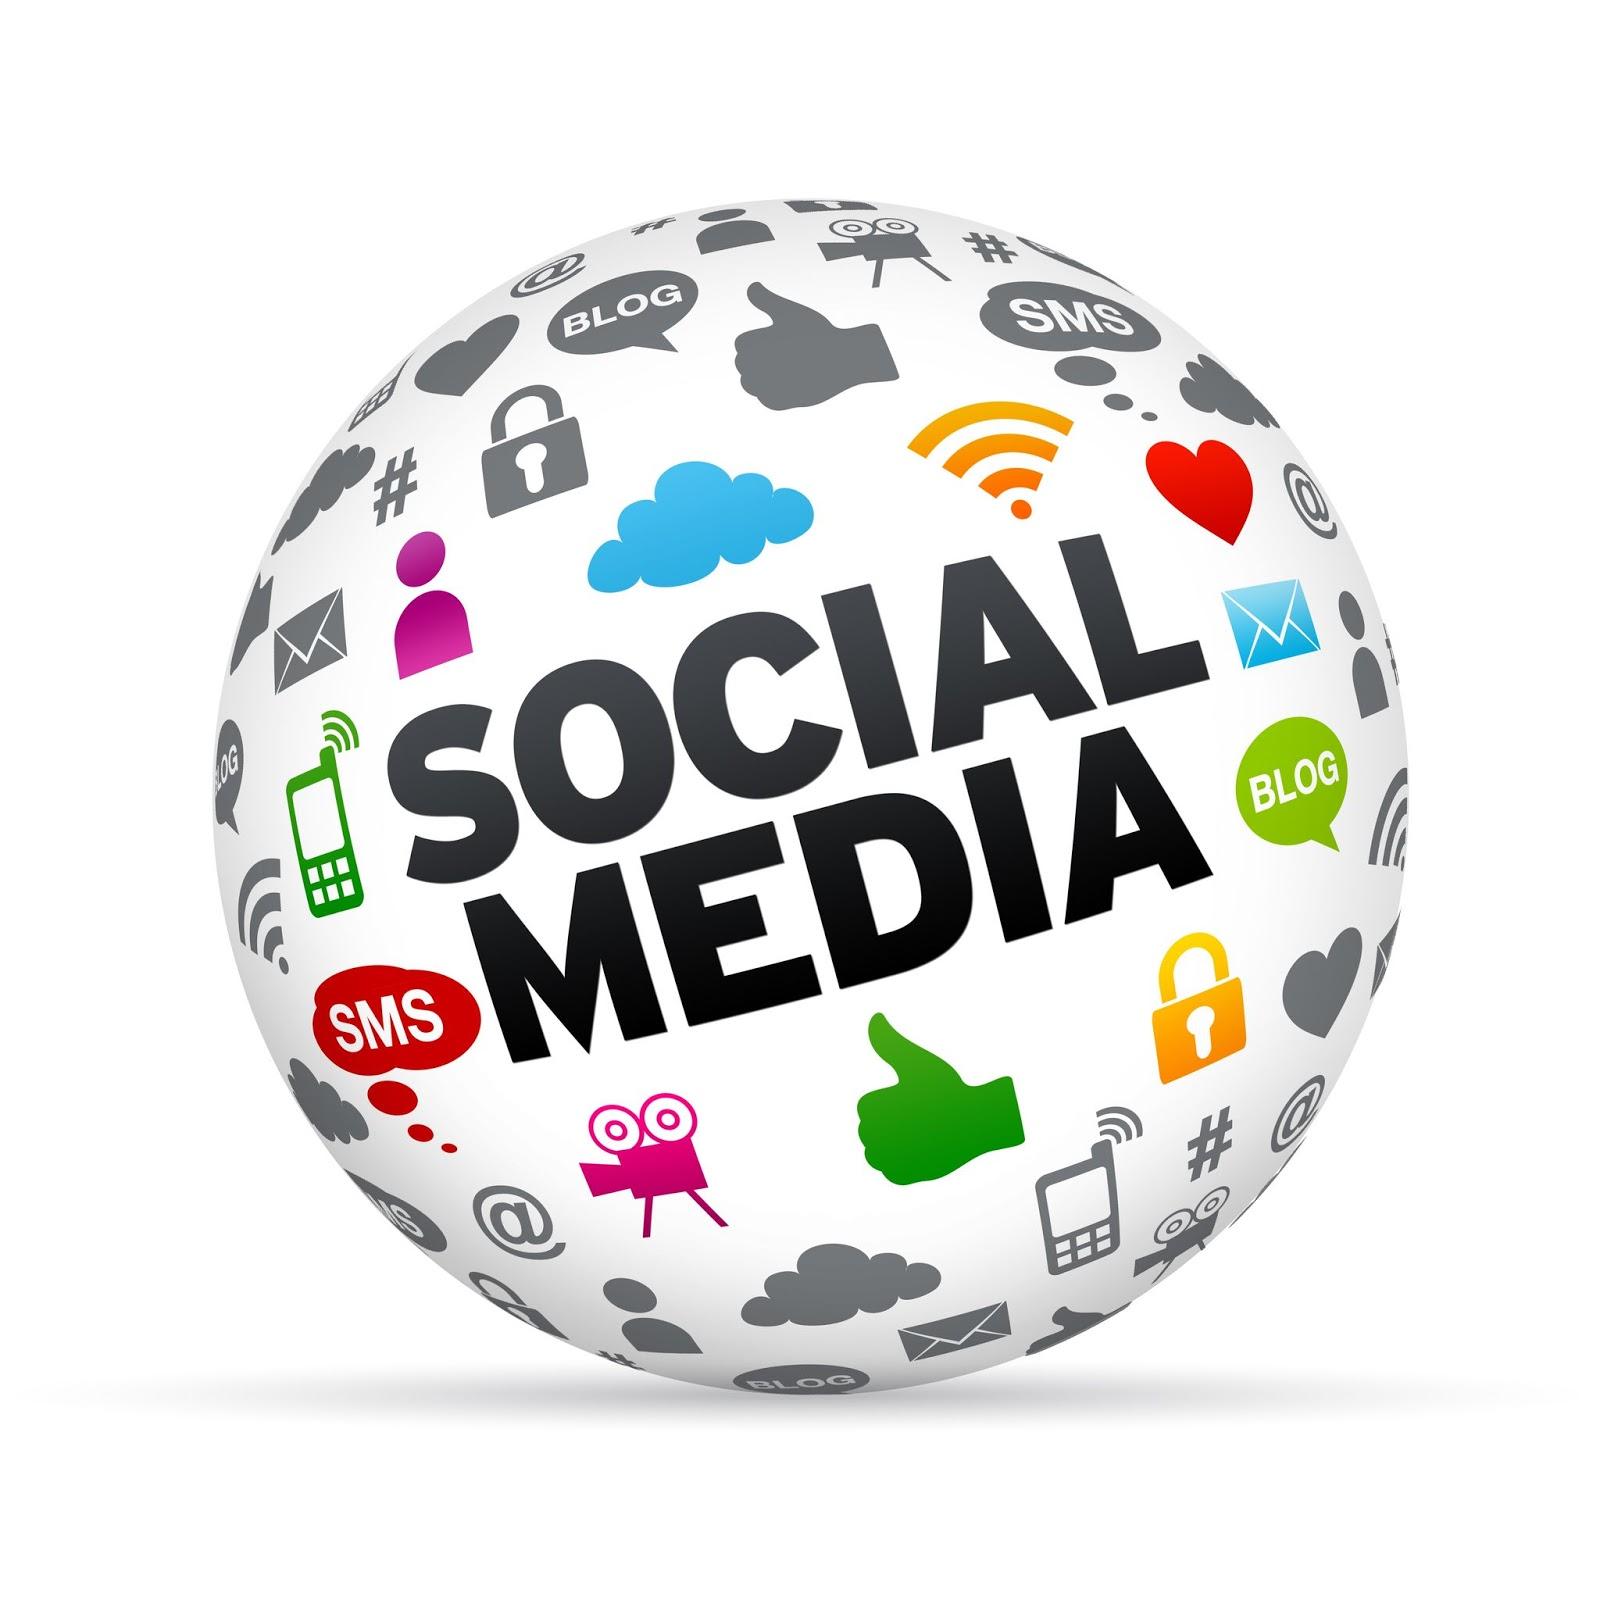 Social Media Melbourne